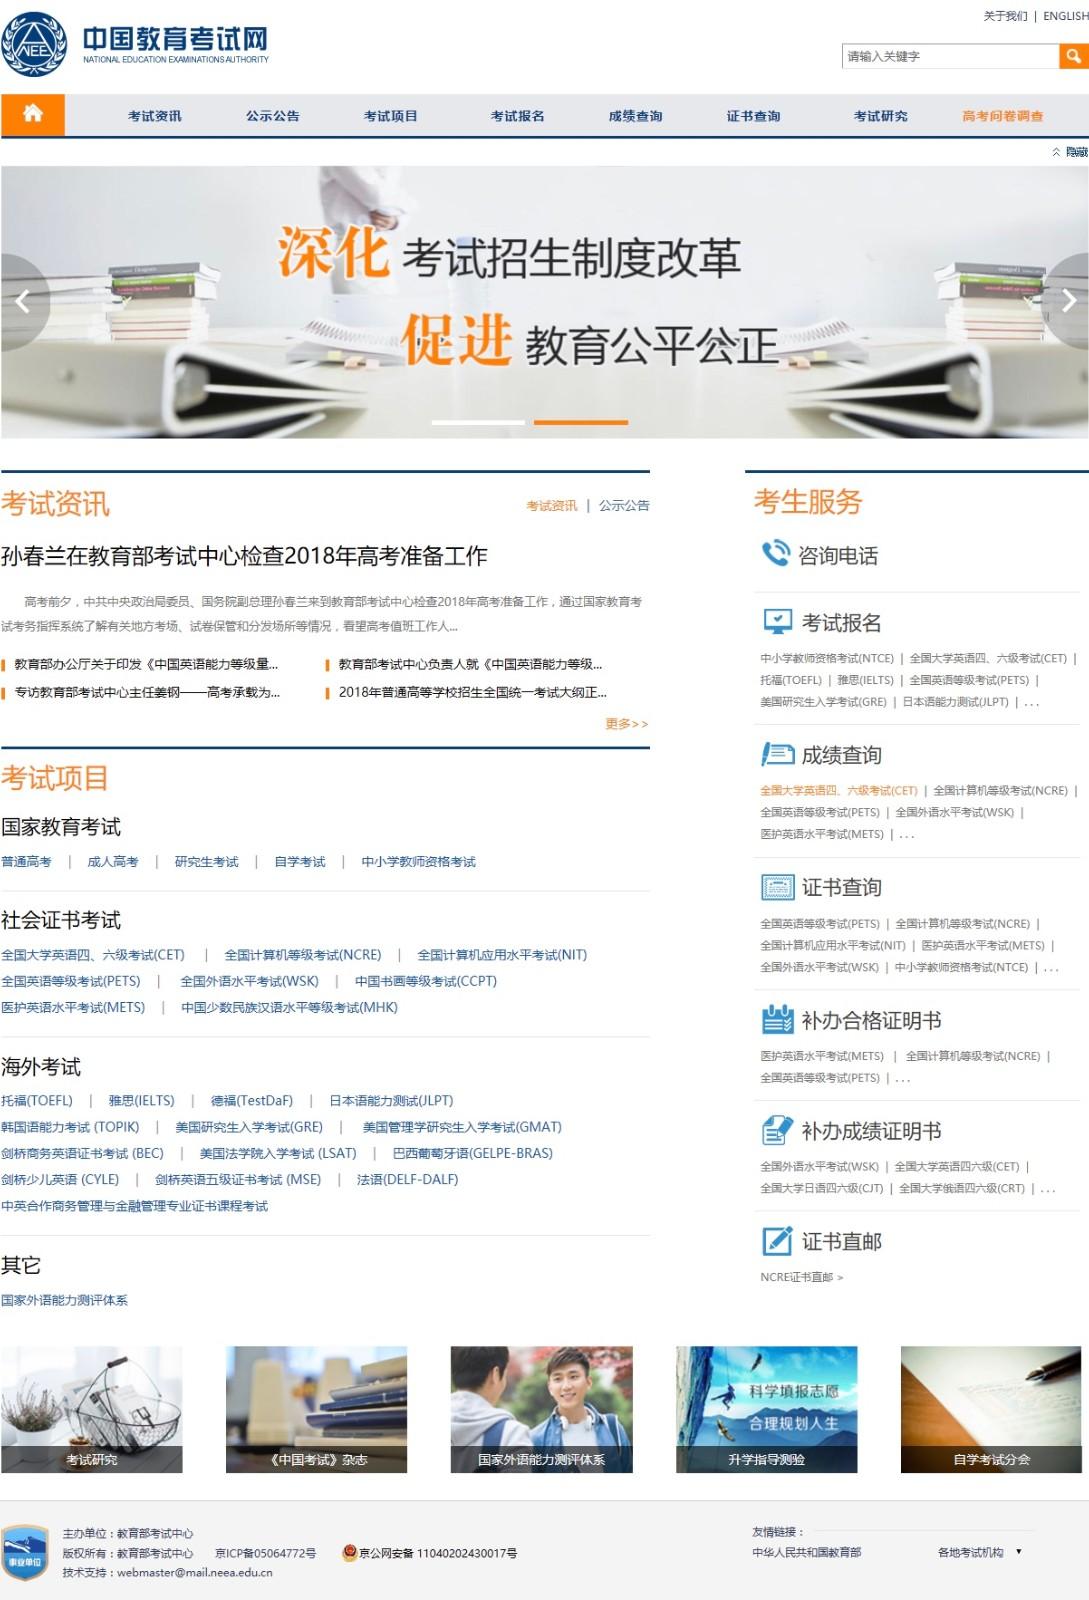 中国教育考试网.jpg